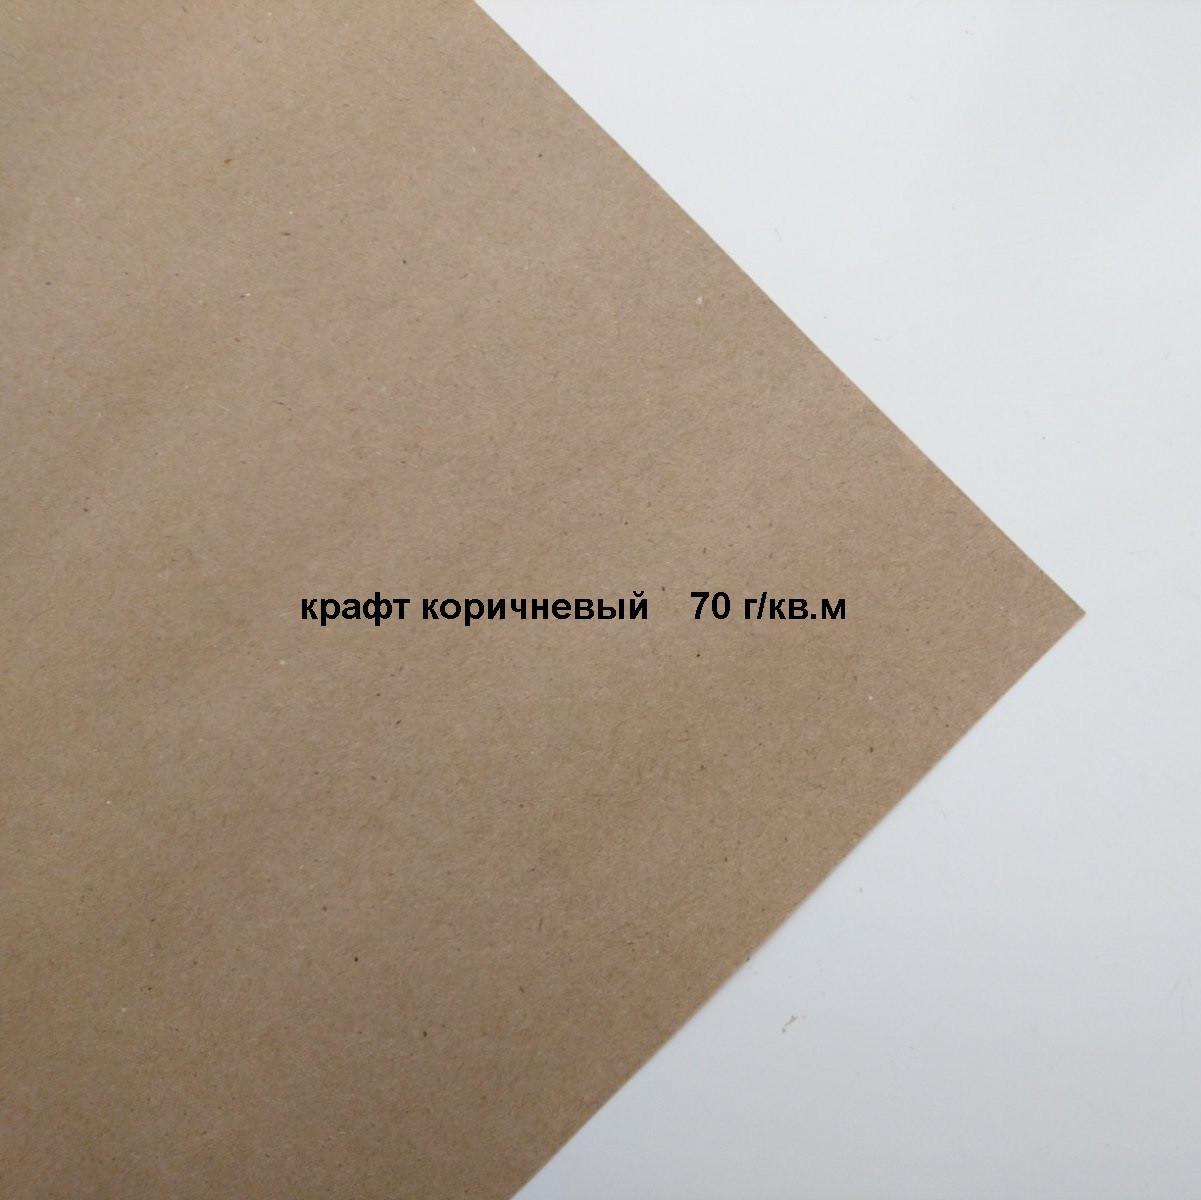 Крафт бумага А4, для печати, коричневая, белая, плотность 70 и 80 гр/кв.м Обычное, 70, Коричневый